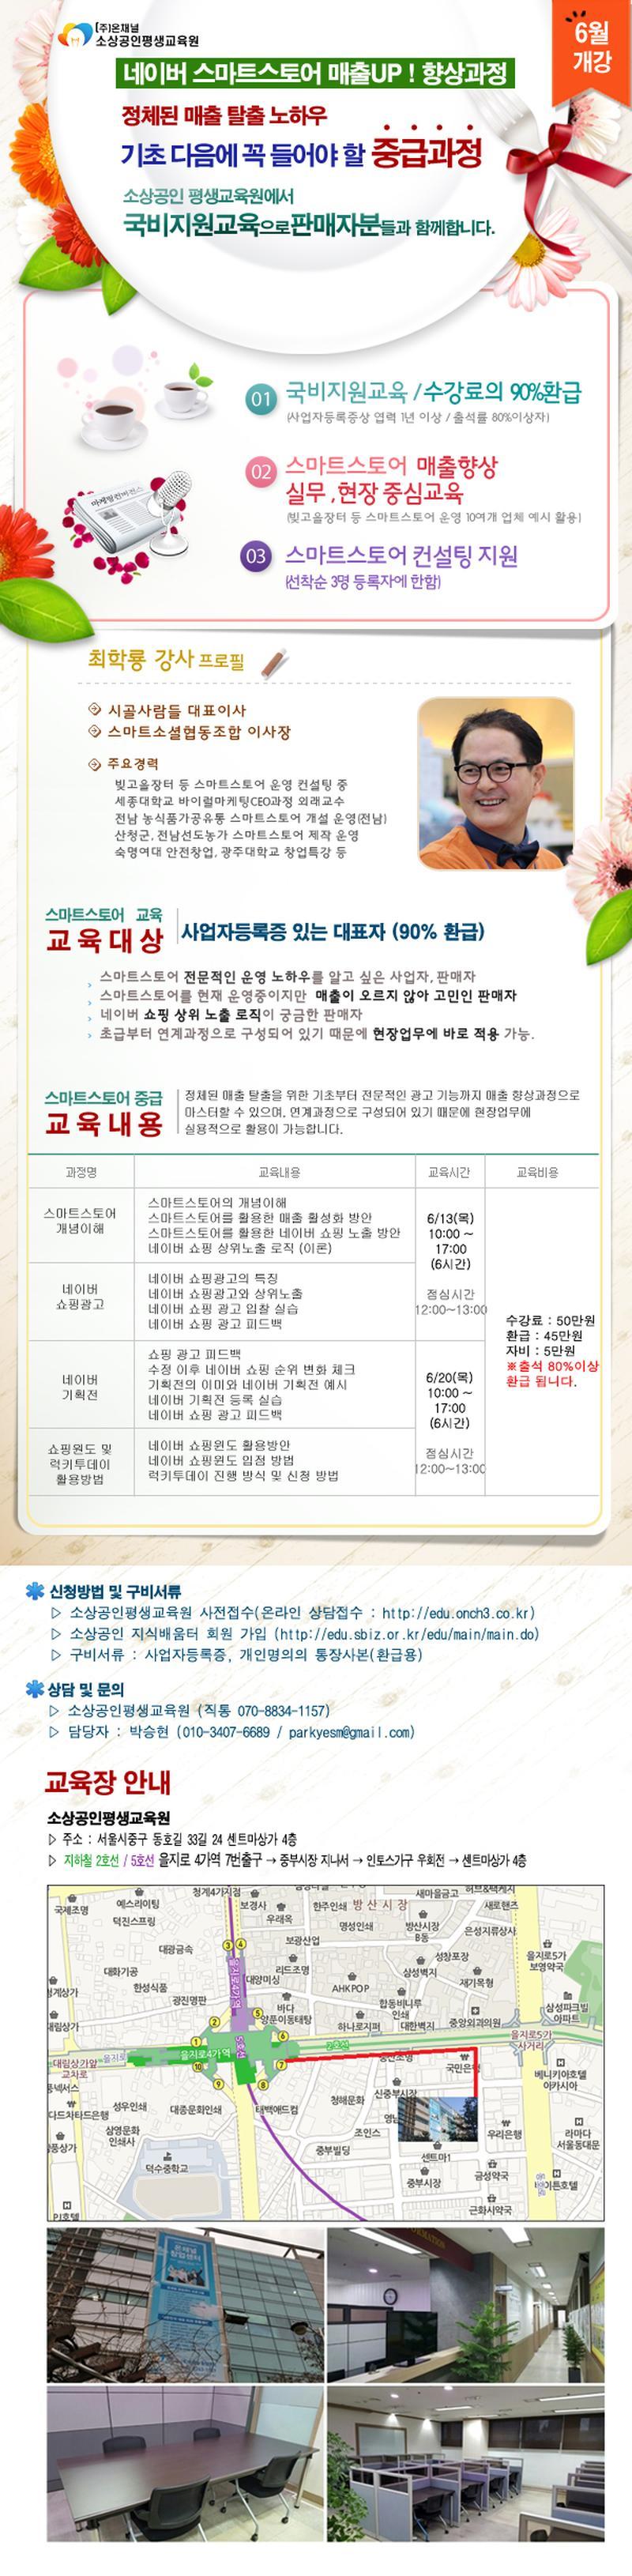 소상공인국비지원1년이상-800.jpg